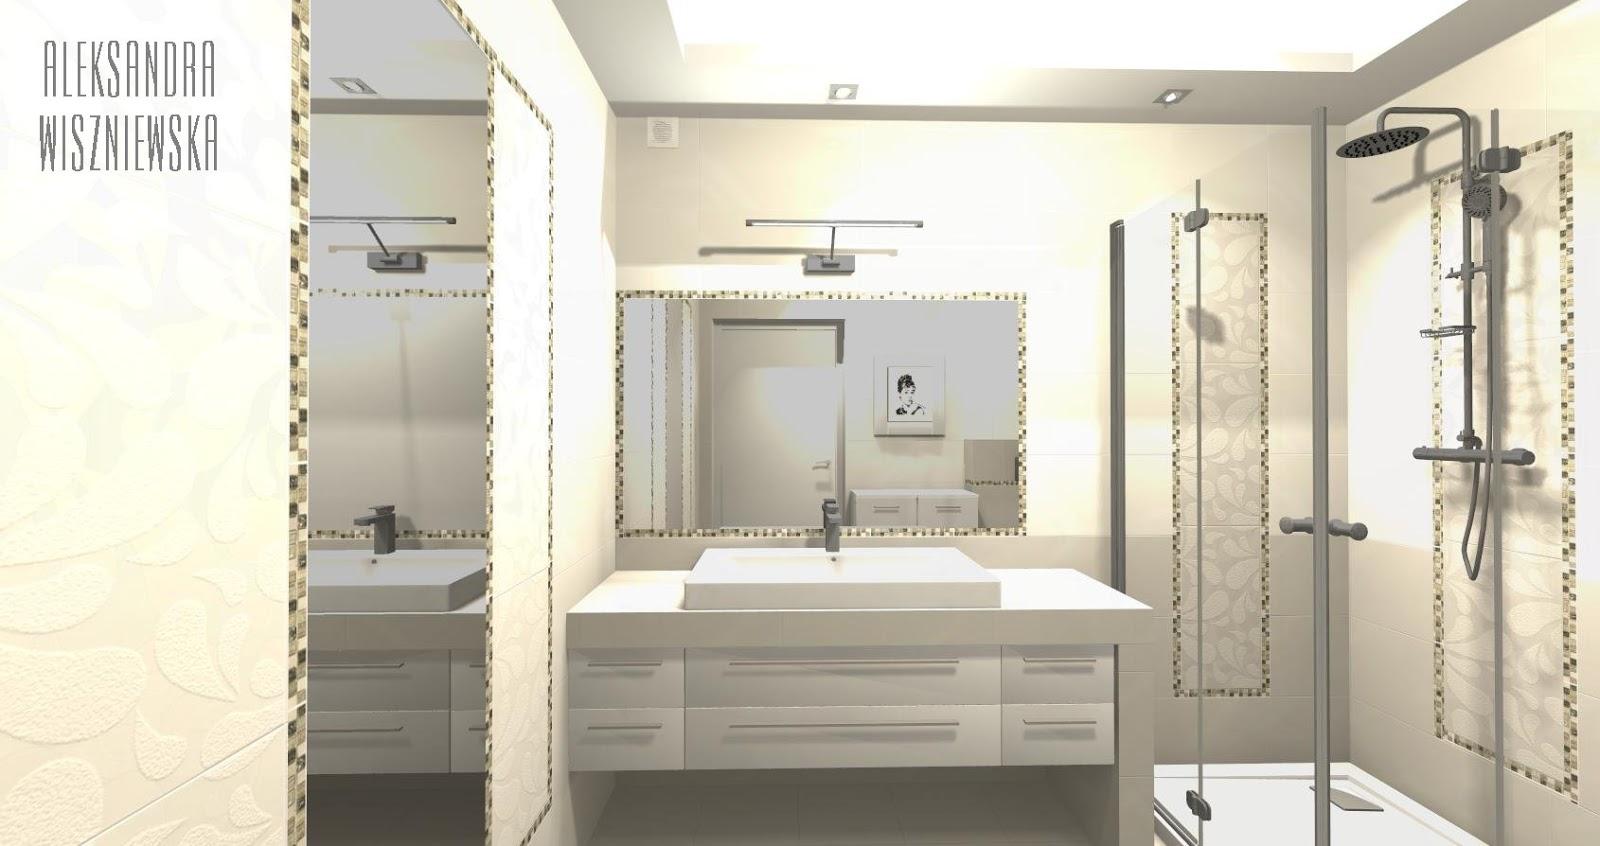 Projekty łazienek Wizualizacje Paradyż Baletiaarole